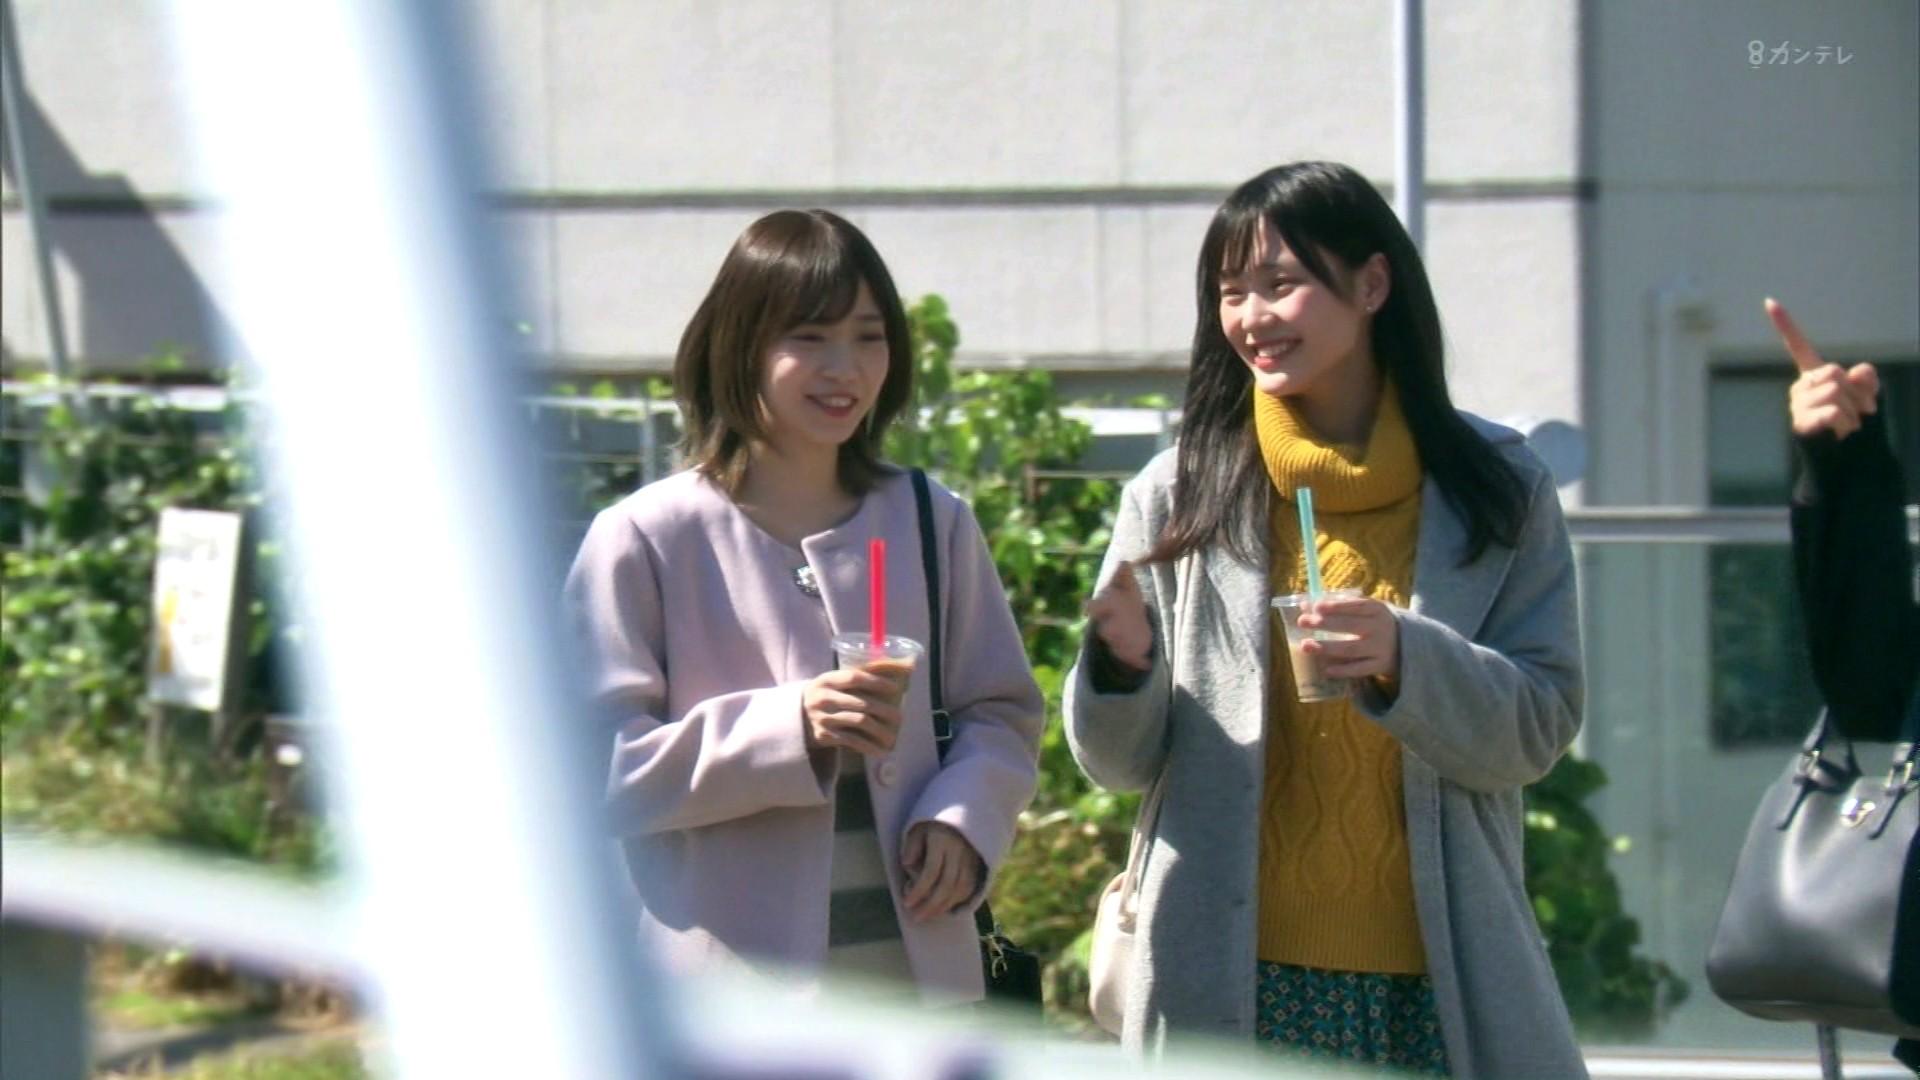 2020年1月13日に関西テレビで放送された「ミナミの帝王」に出演したNMB48石塚朱莉・佐藤亜海の画像-022